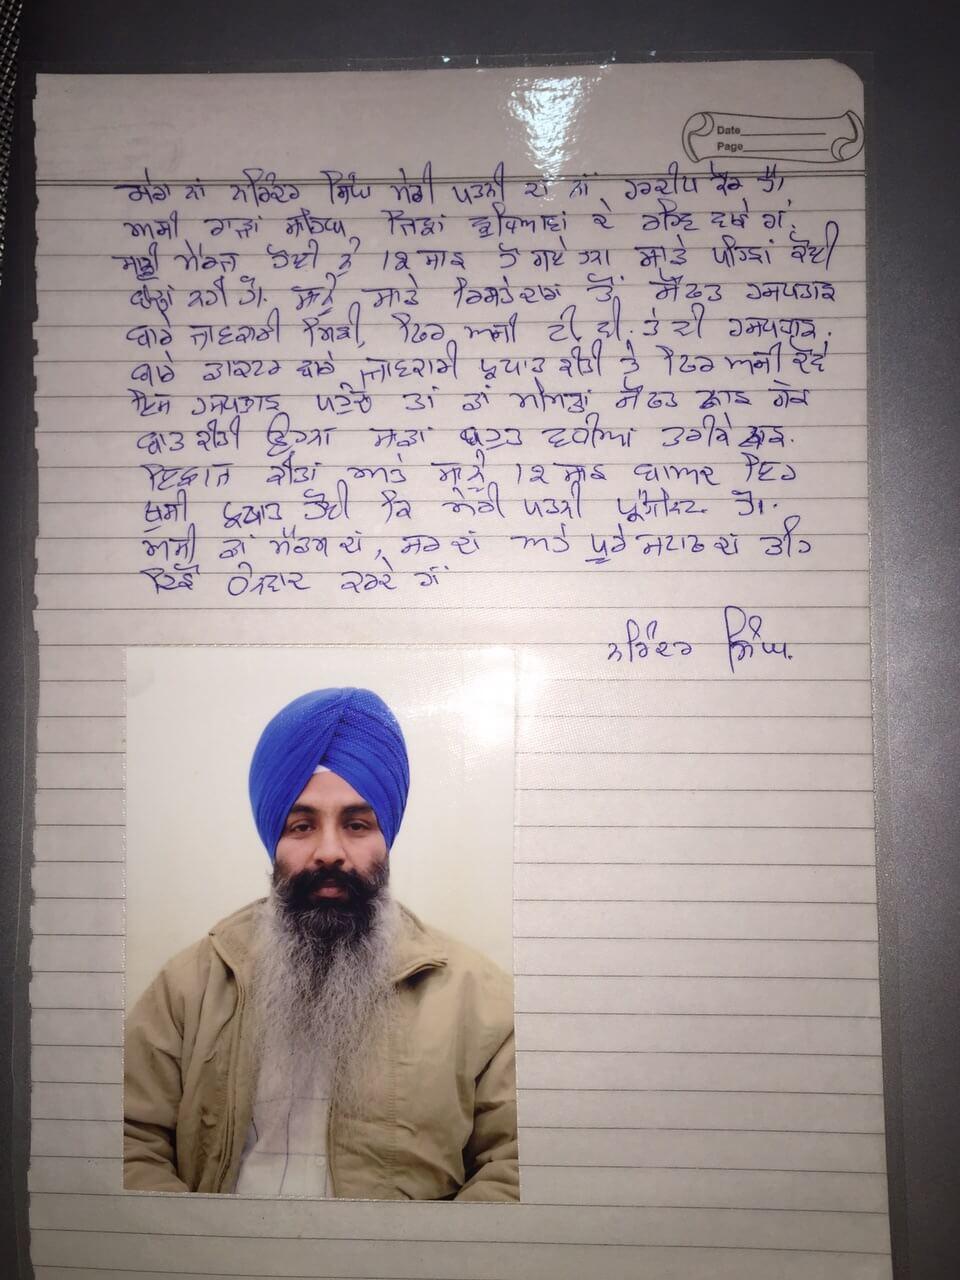 Narinder-Singh